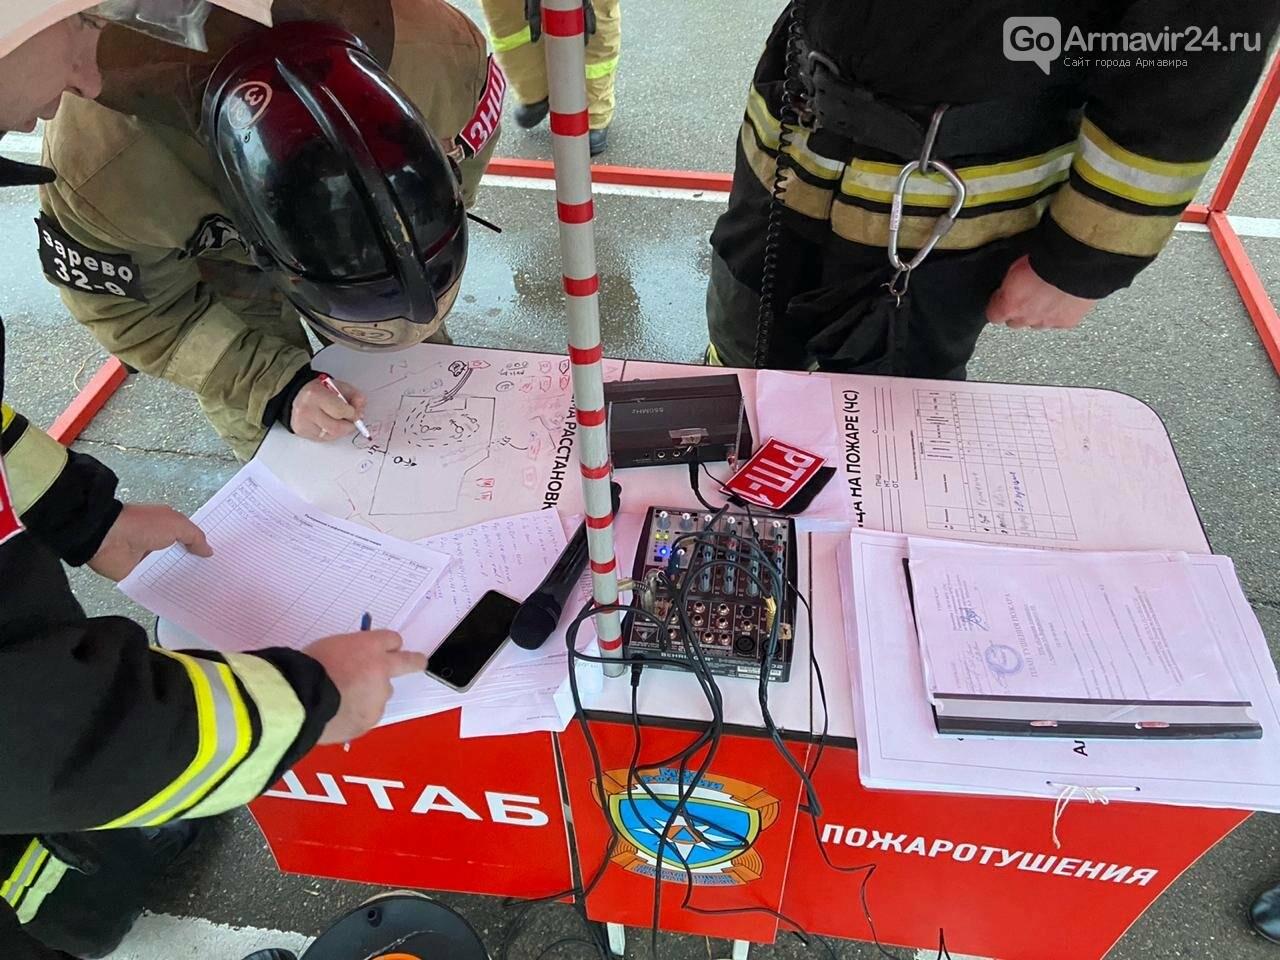 В Армавире пожарные, входе учений, потушили пожар в кинотеатре на Красной площади, фото-3